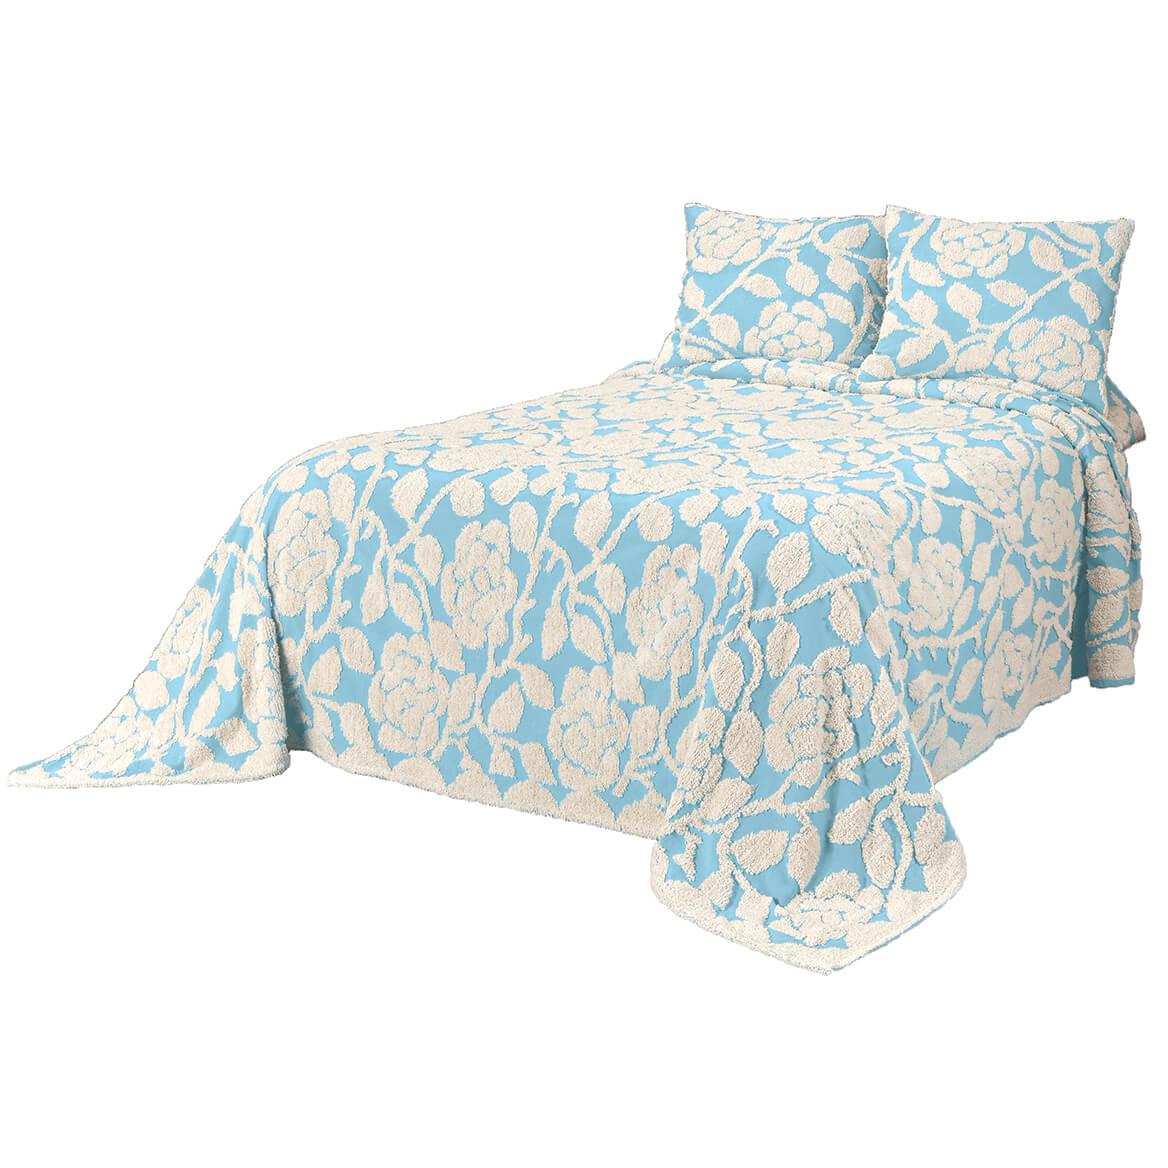 The Grace Chenille Bedspread by OakRidgeTM